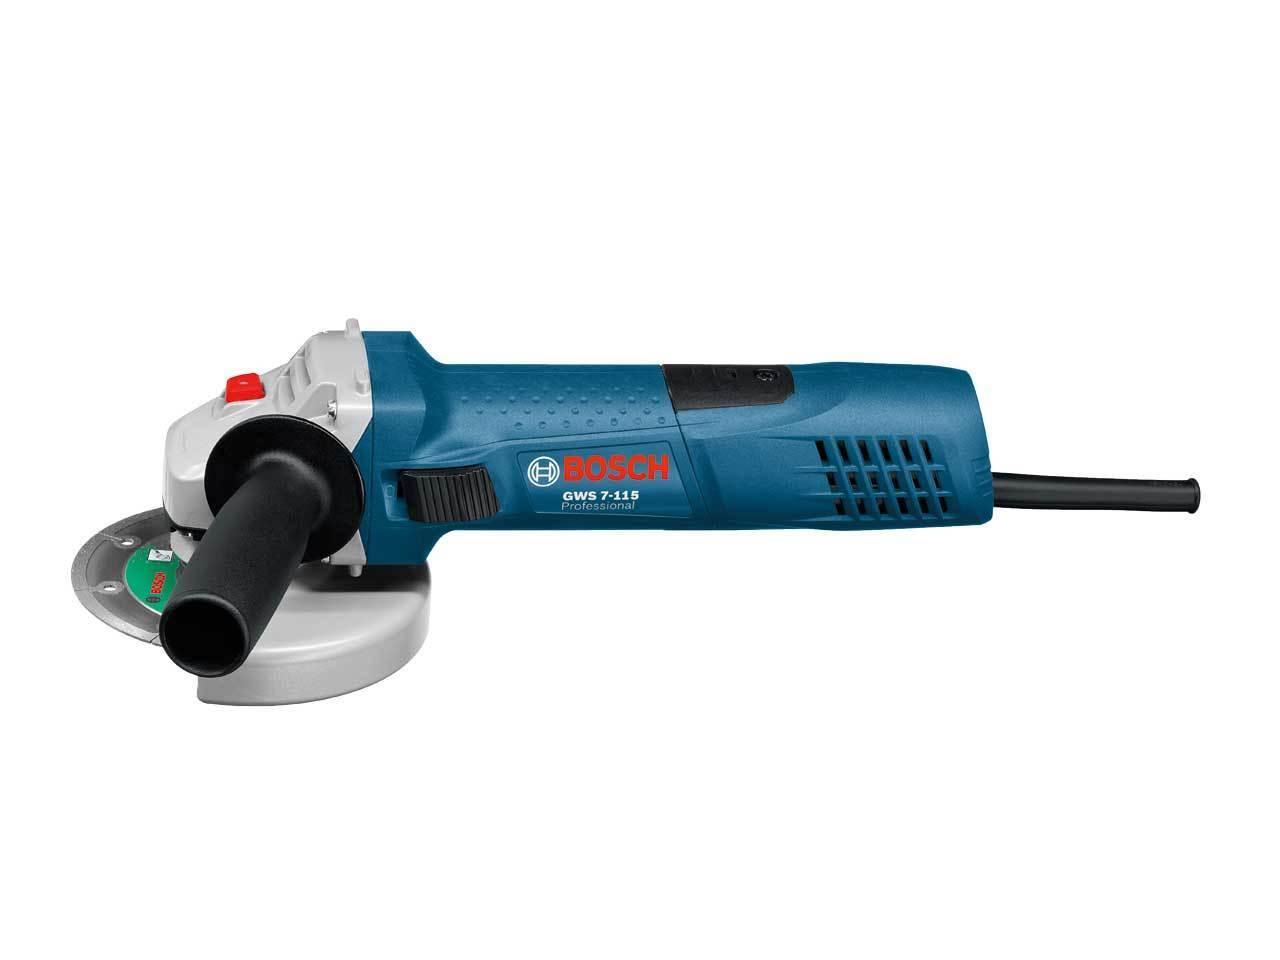 Bosch GWS 7-115 720W Professional Angle Grinder   eBay 94e797cefb99